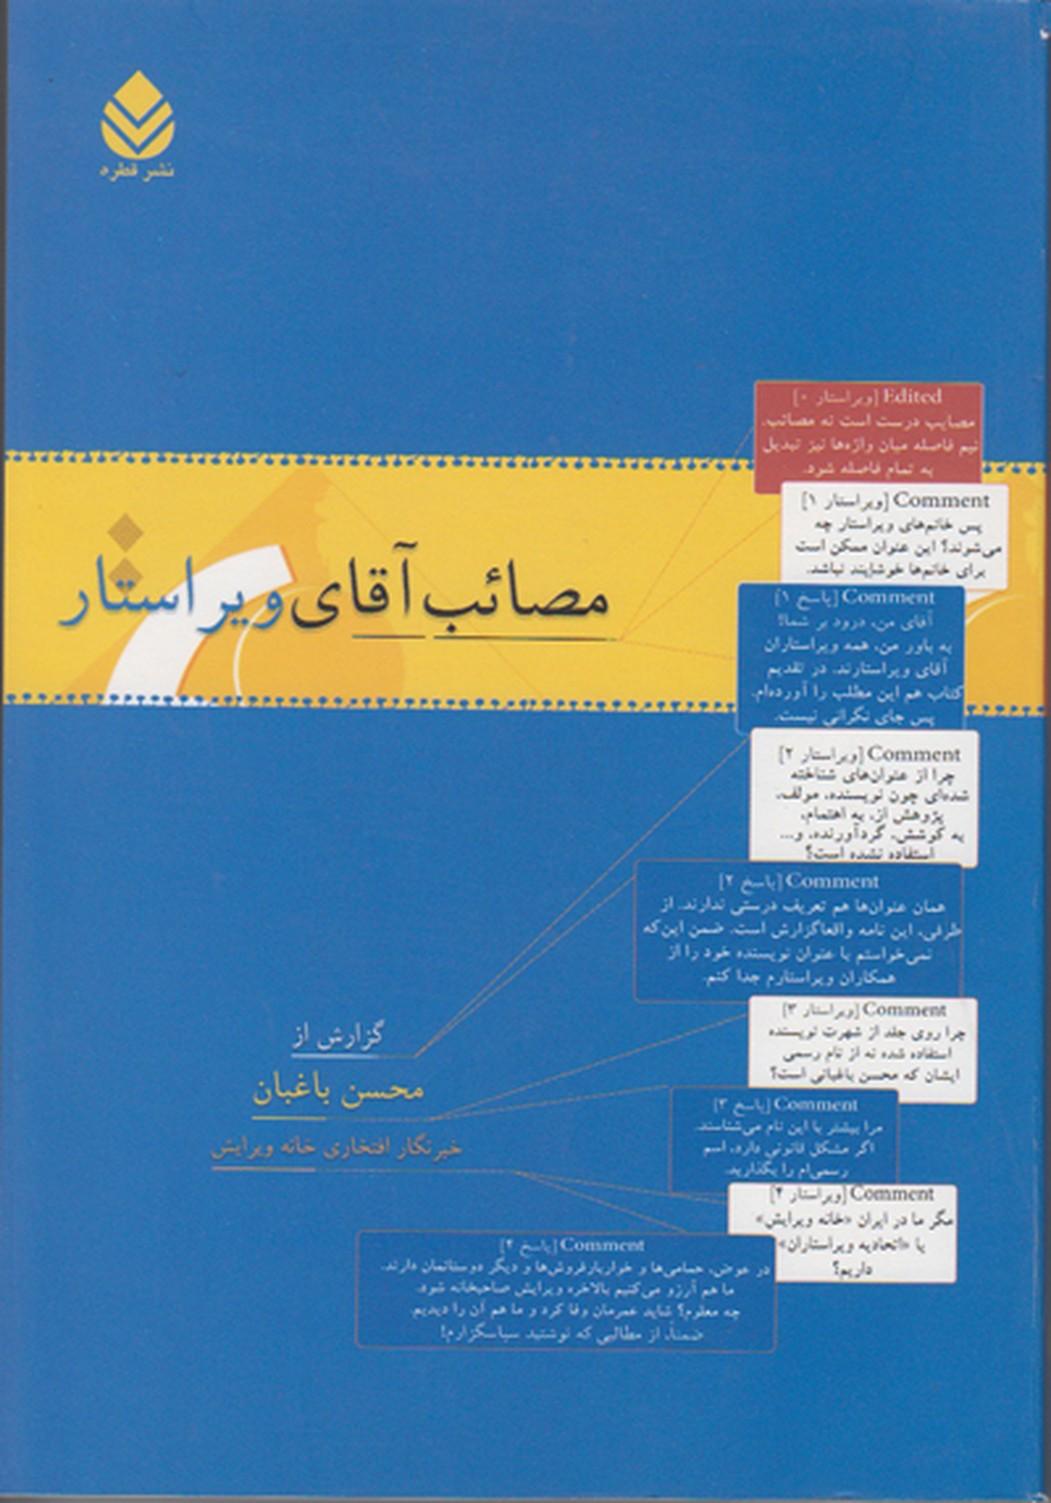 مصائب آقای ویراستار